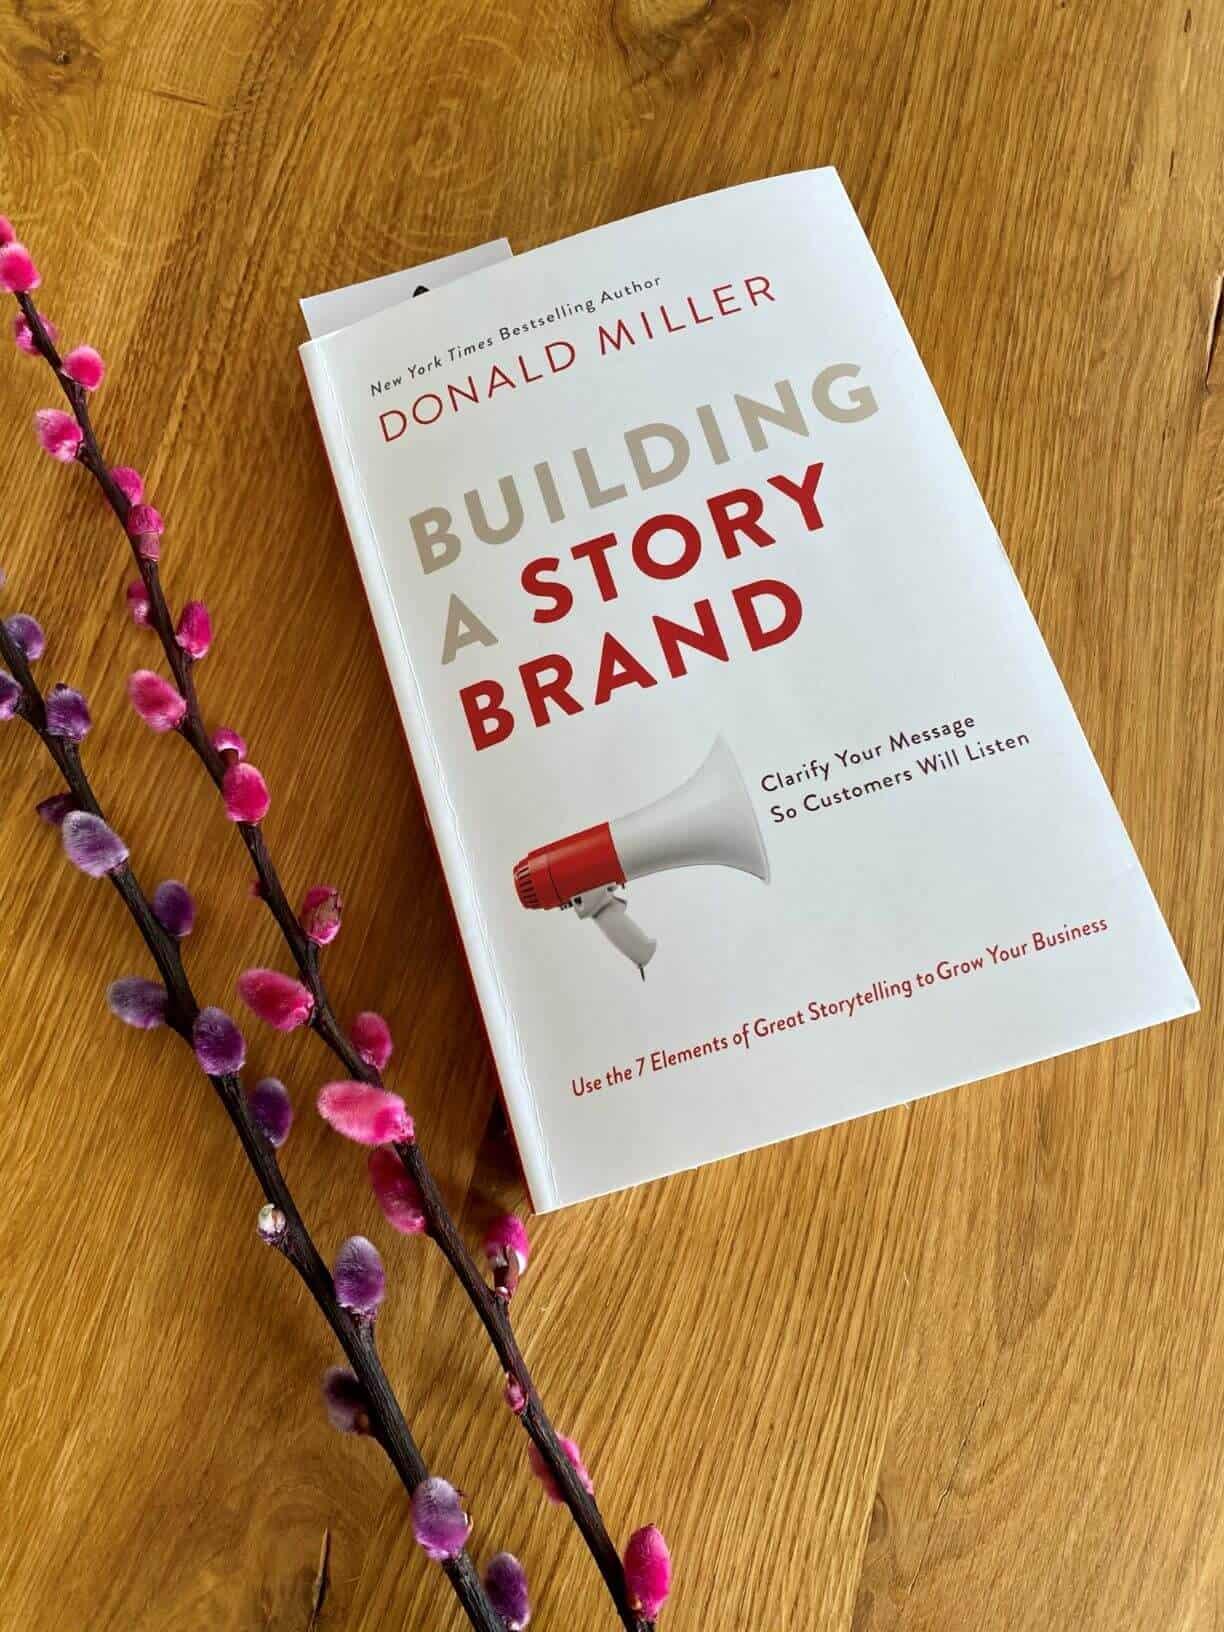 Building a storybrand af Donald Miller